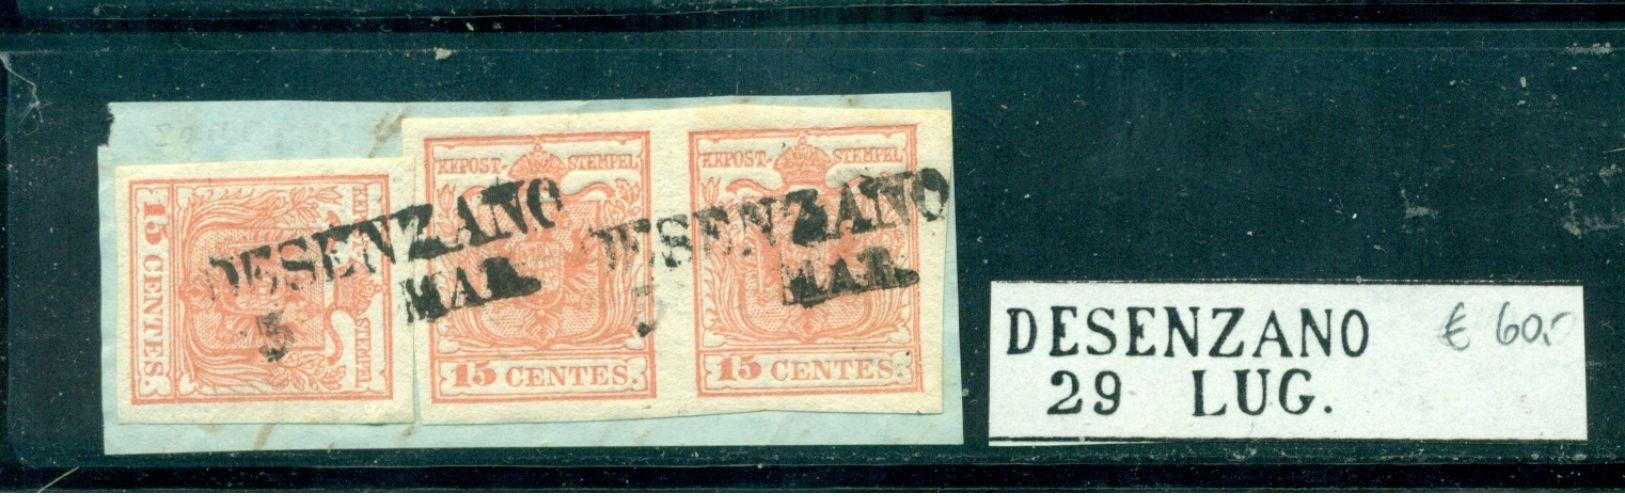 Lombadei Und Venetien, Wappenzeichnung Nr. 3, Auf Briefstück, Stempel Desenzano, Paar - 1850-1918 Imperium